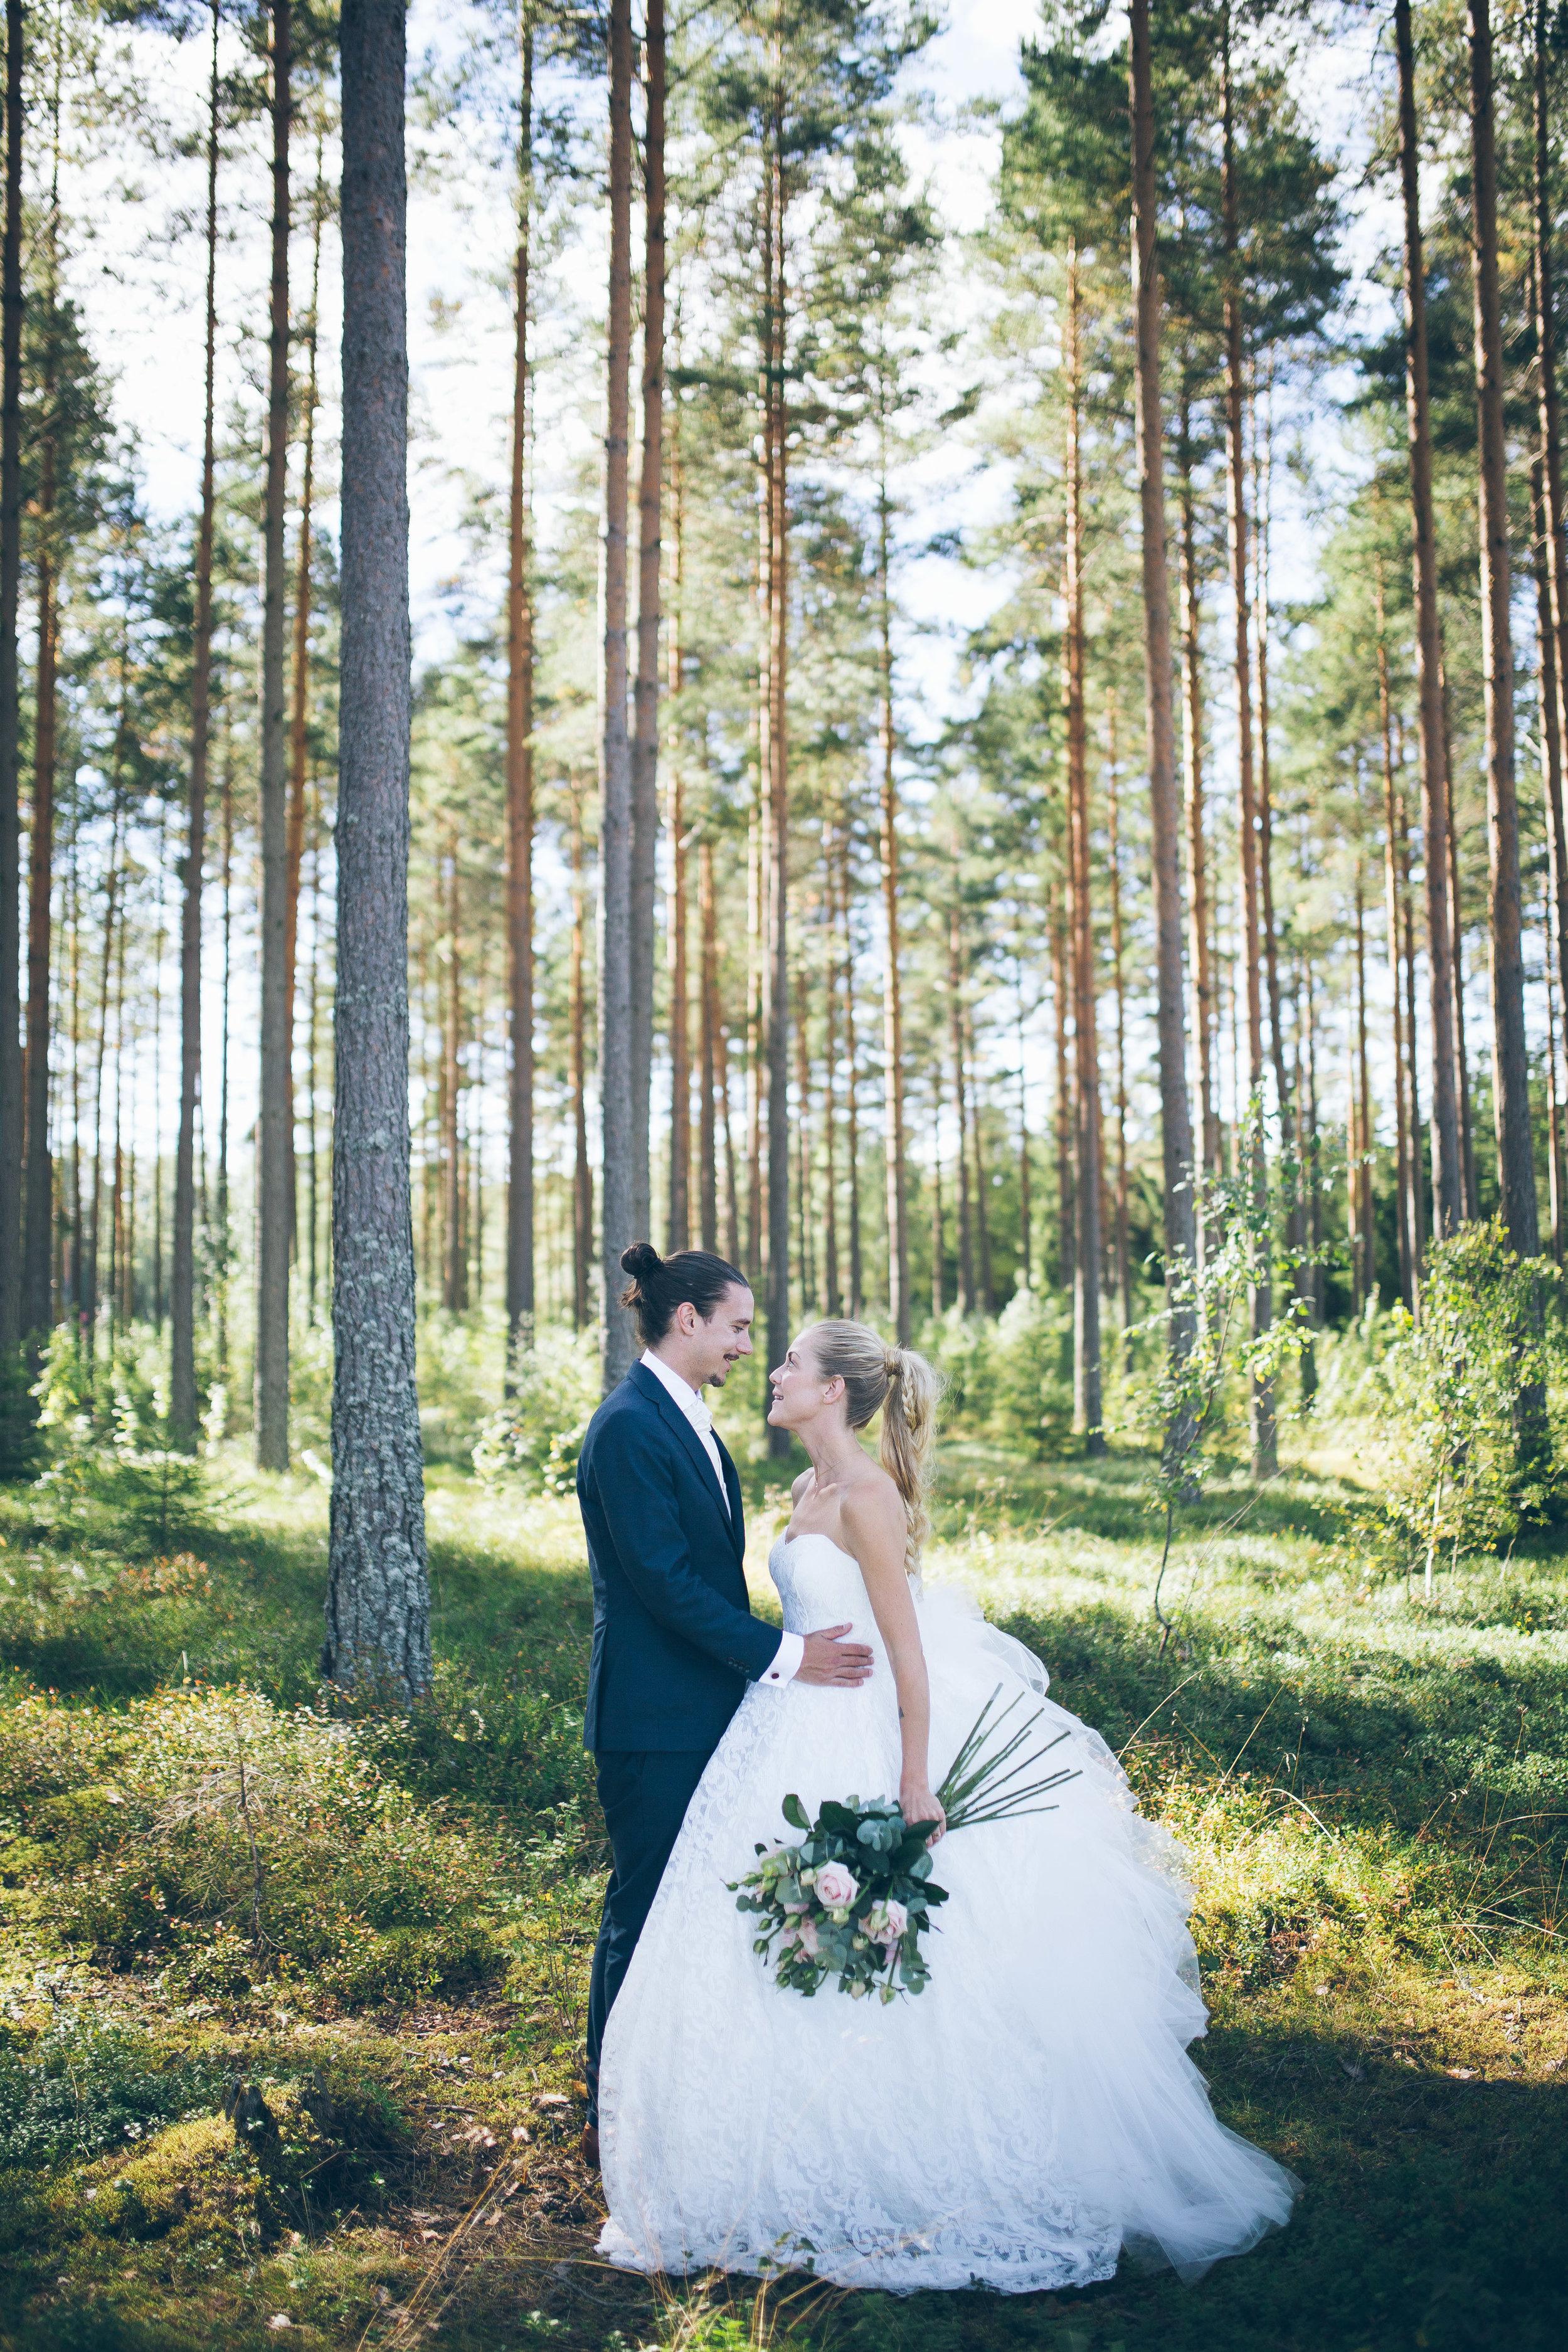 Karin&Filip160827-1.jpg